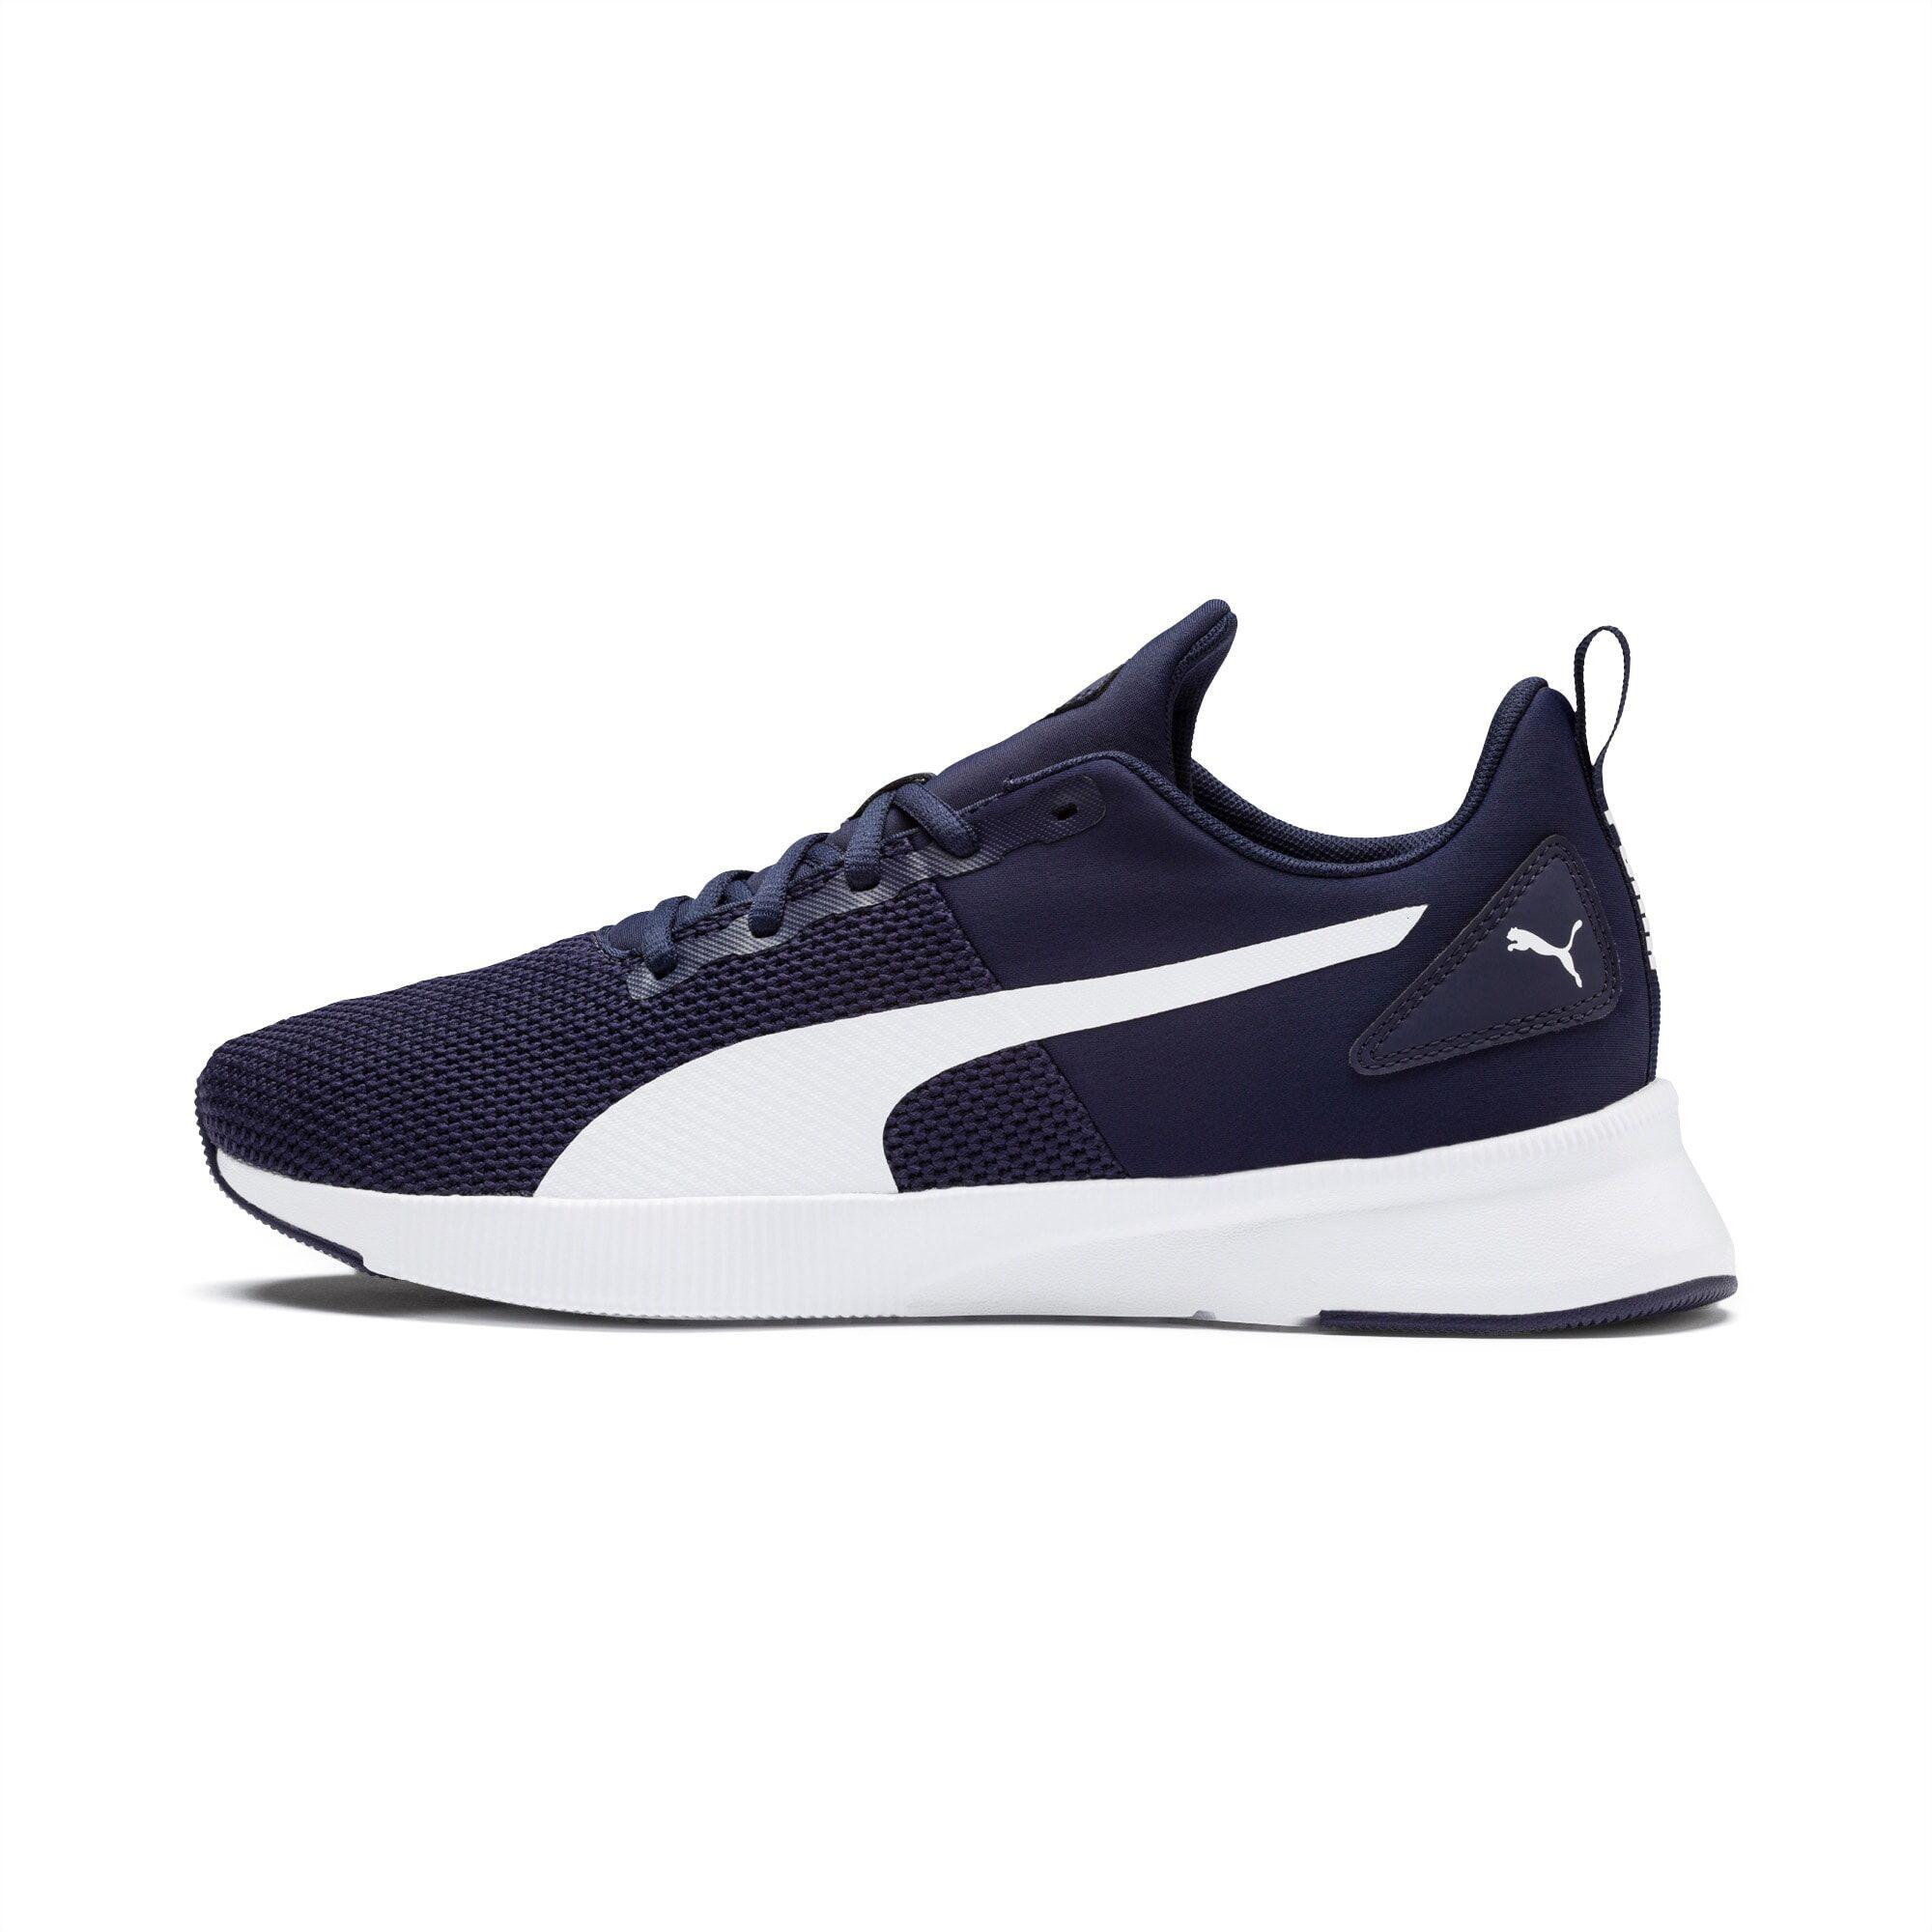 PUMA Chaussure de course Flyer Runner, Bleu/Blanc, Taille 47, Chaussures